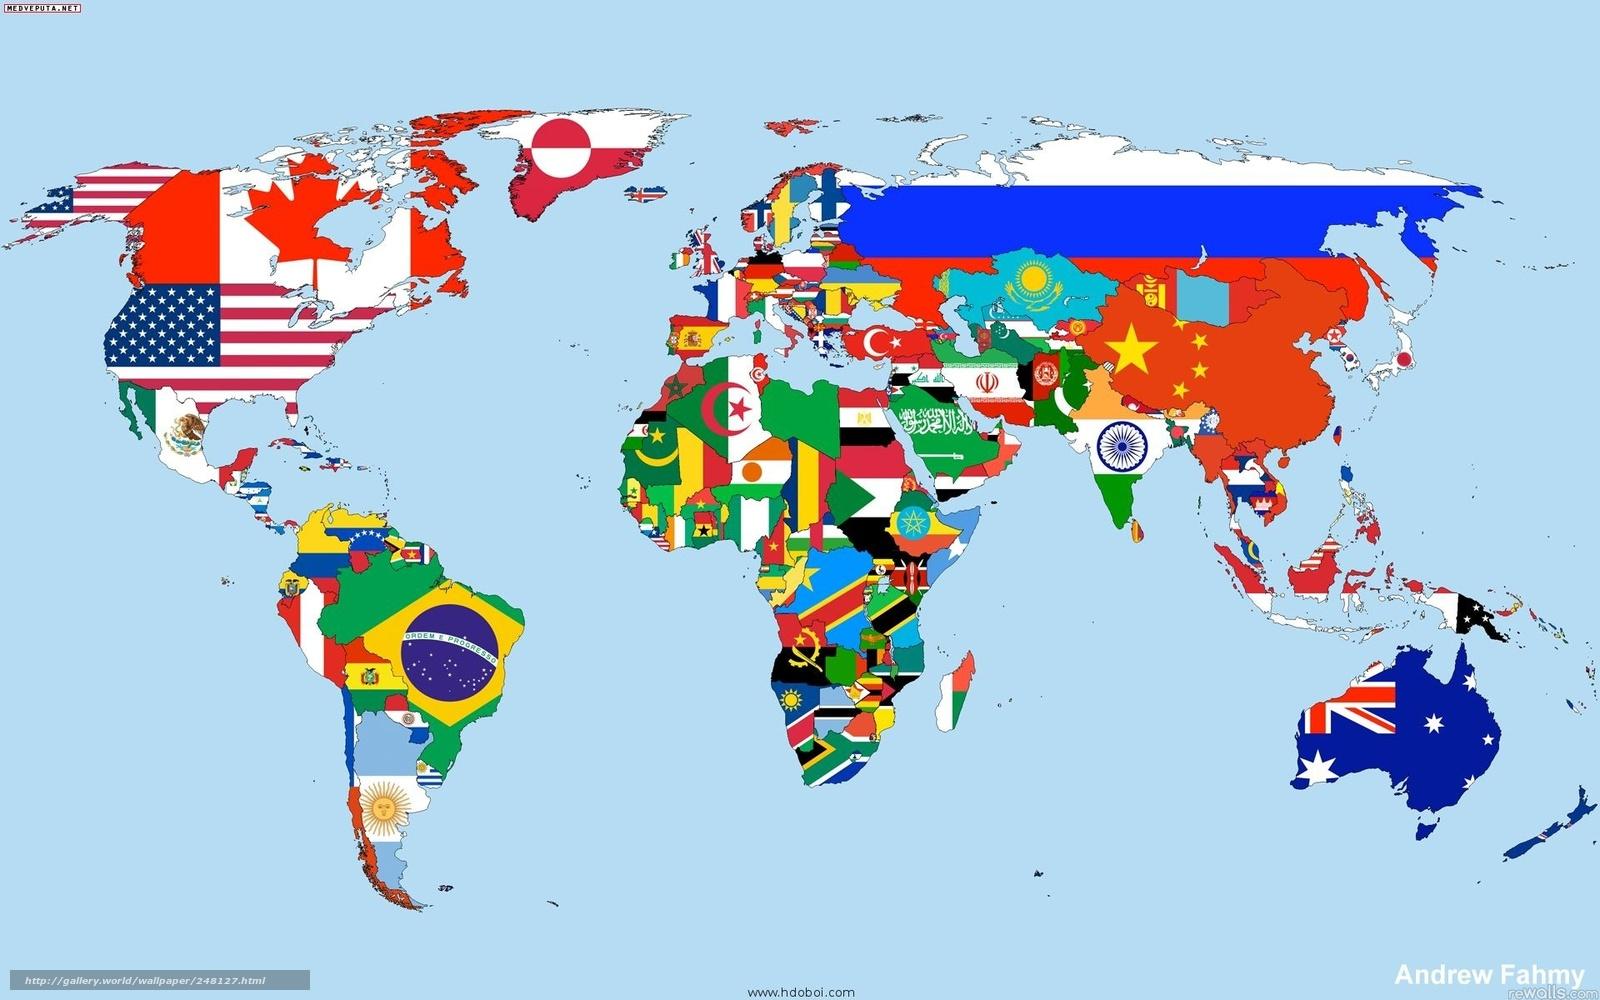 Tlcharger fond d 39 ecran carte monde drapeau pays fonds d for Fond ecran monde